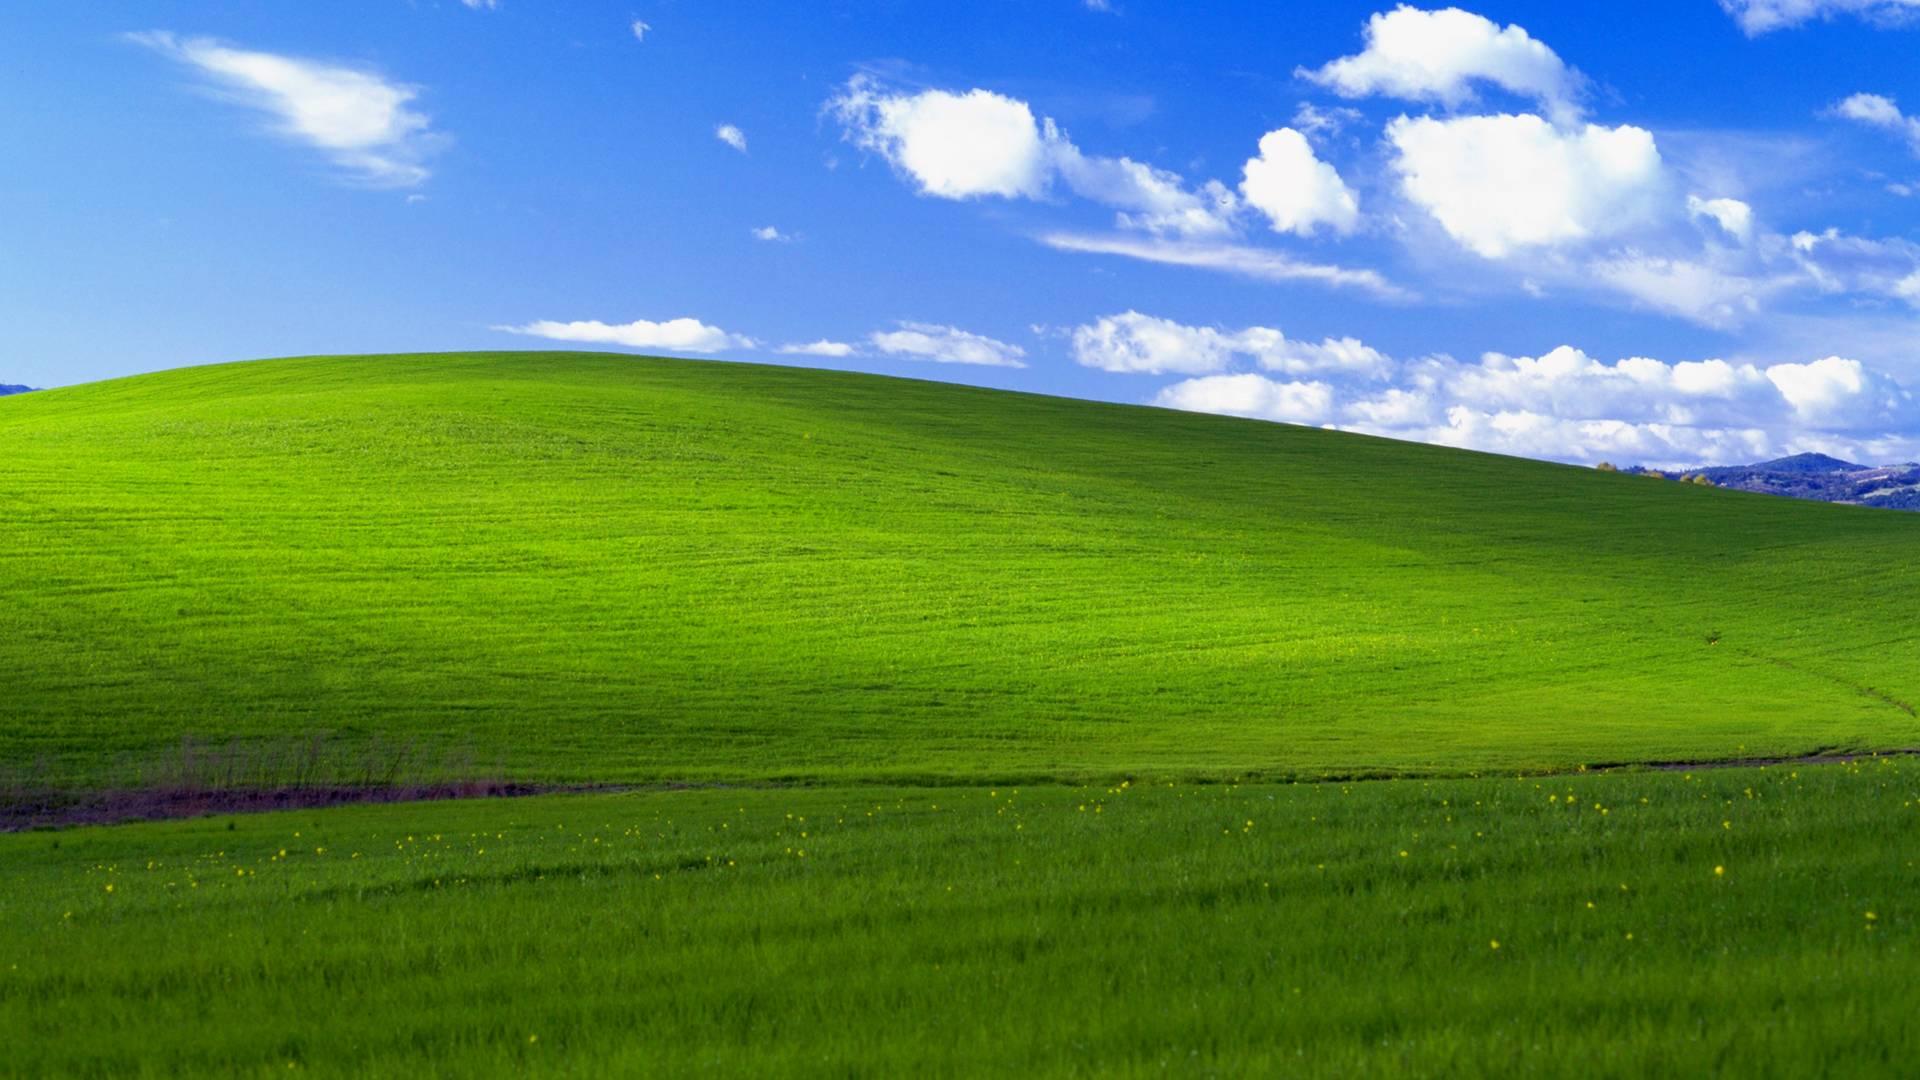 Votre fond d'écran du moment - Page 10 2048x1536-fit_fond-ecran-defaut-windows-xp